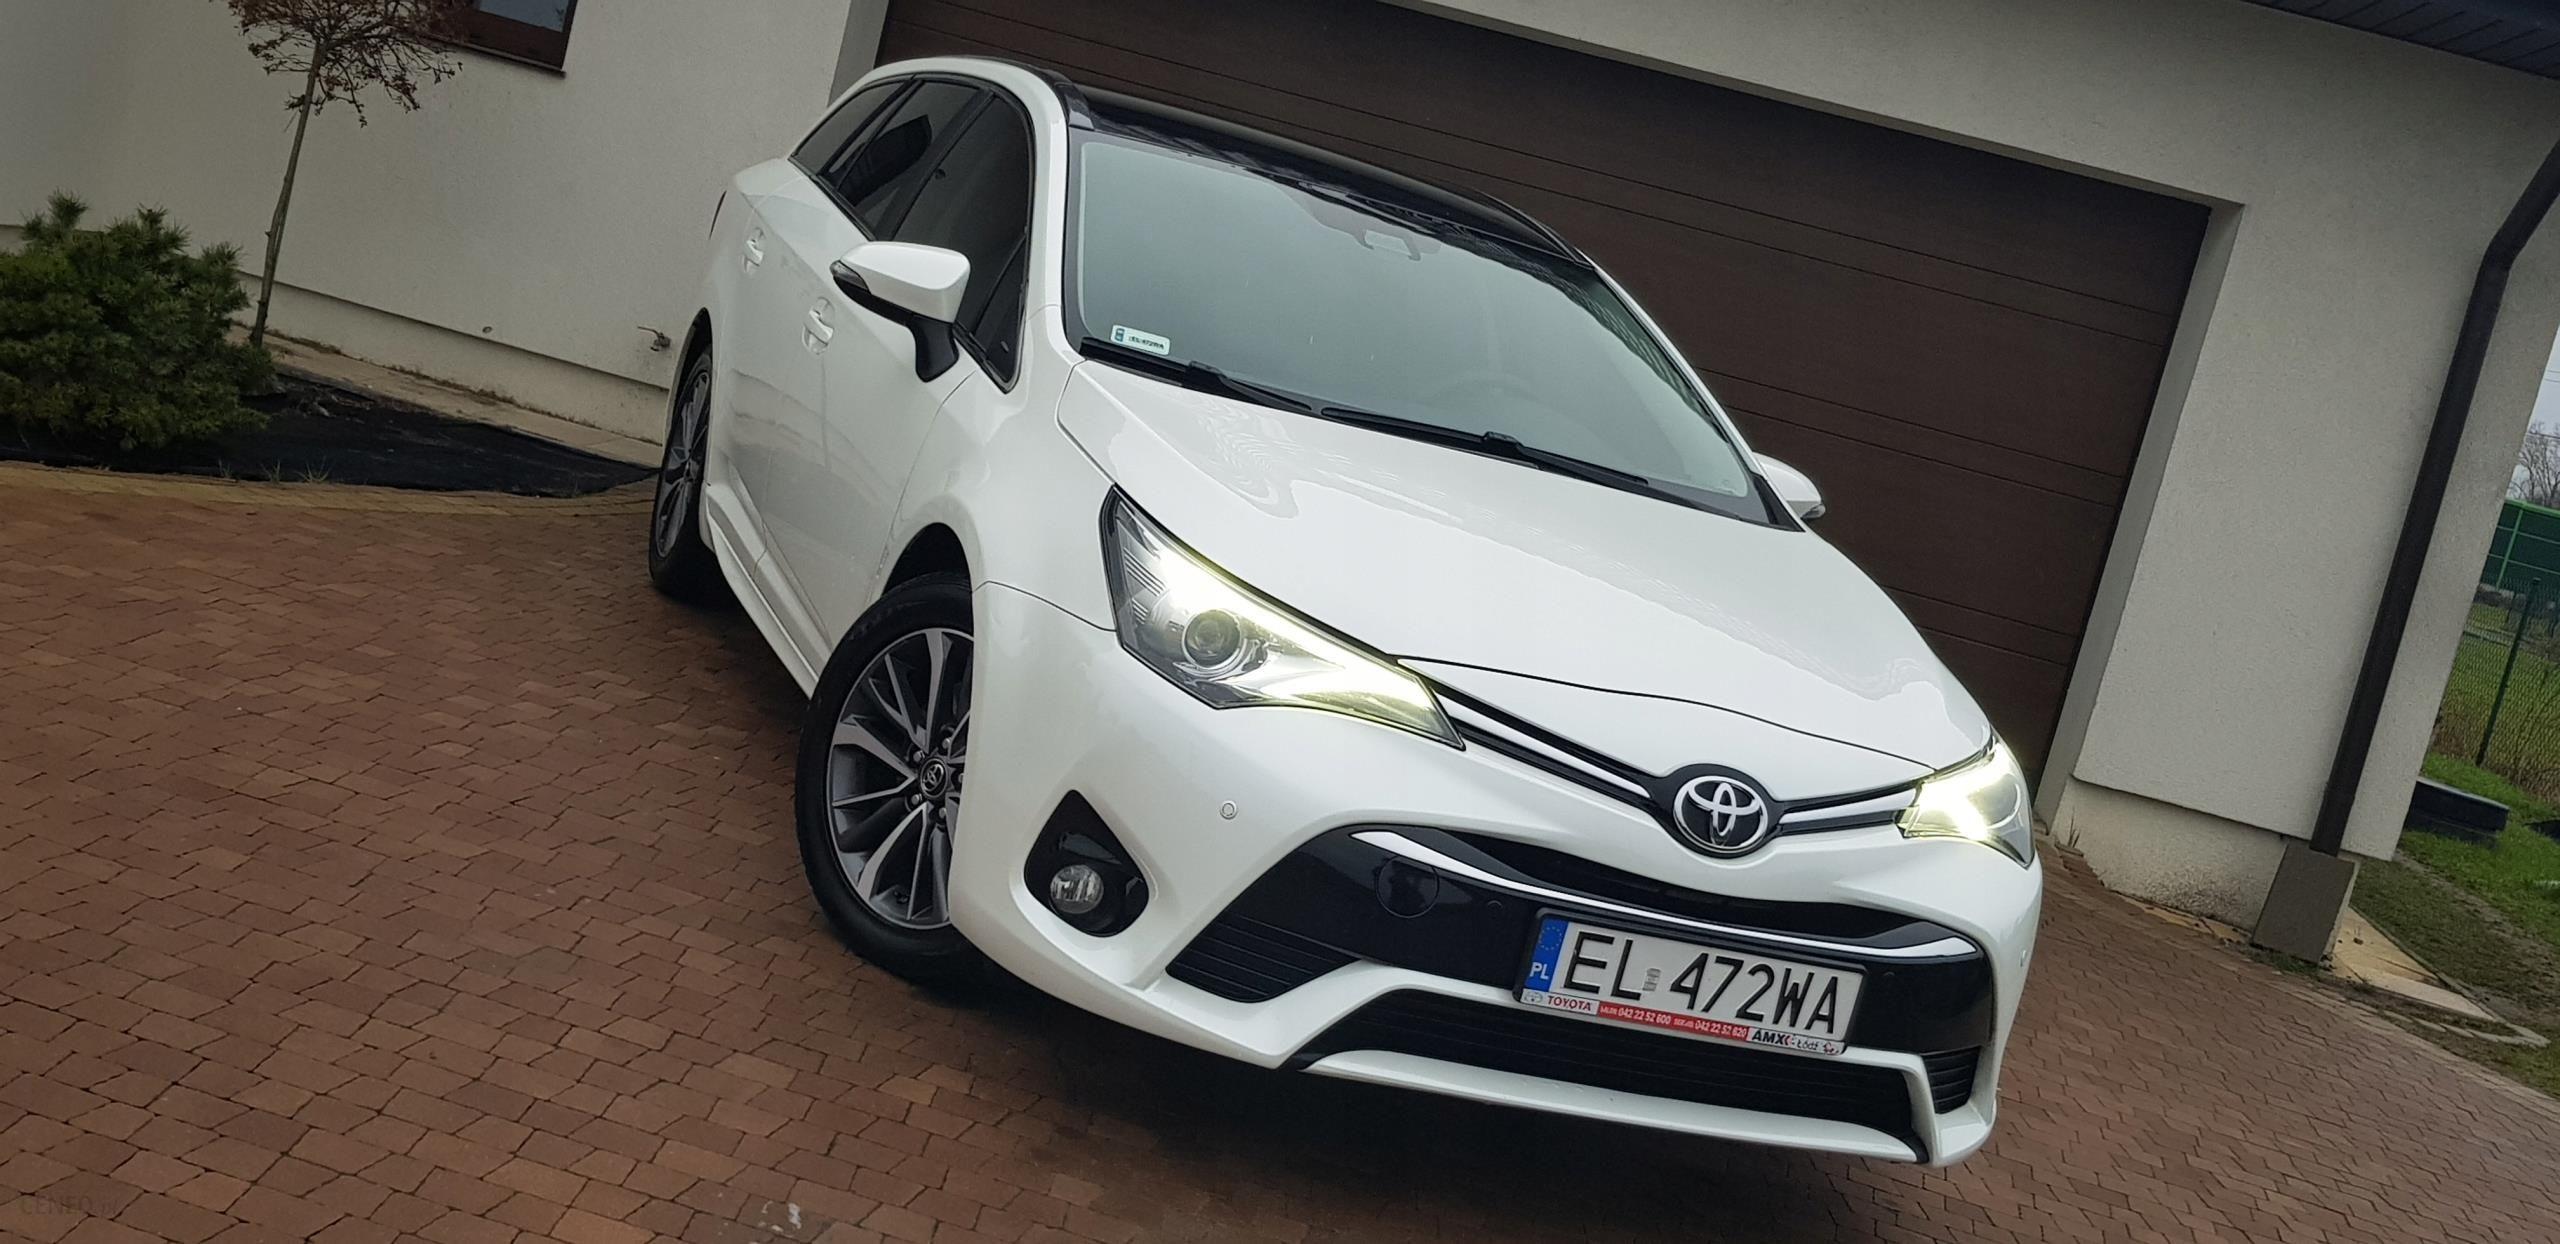 Toyota Avensis Fv23 Salon Pl 1wł Salon Biała Perł Opinie I Ceny